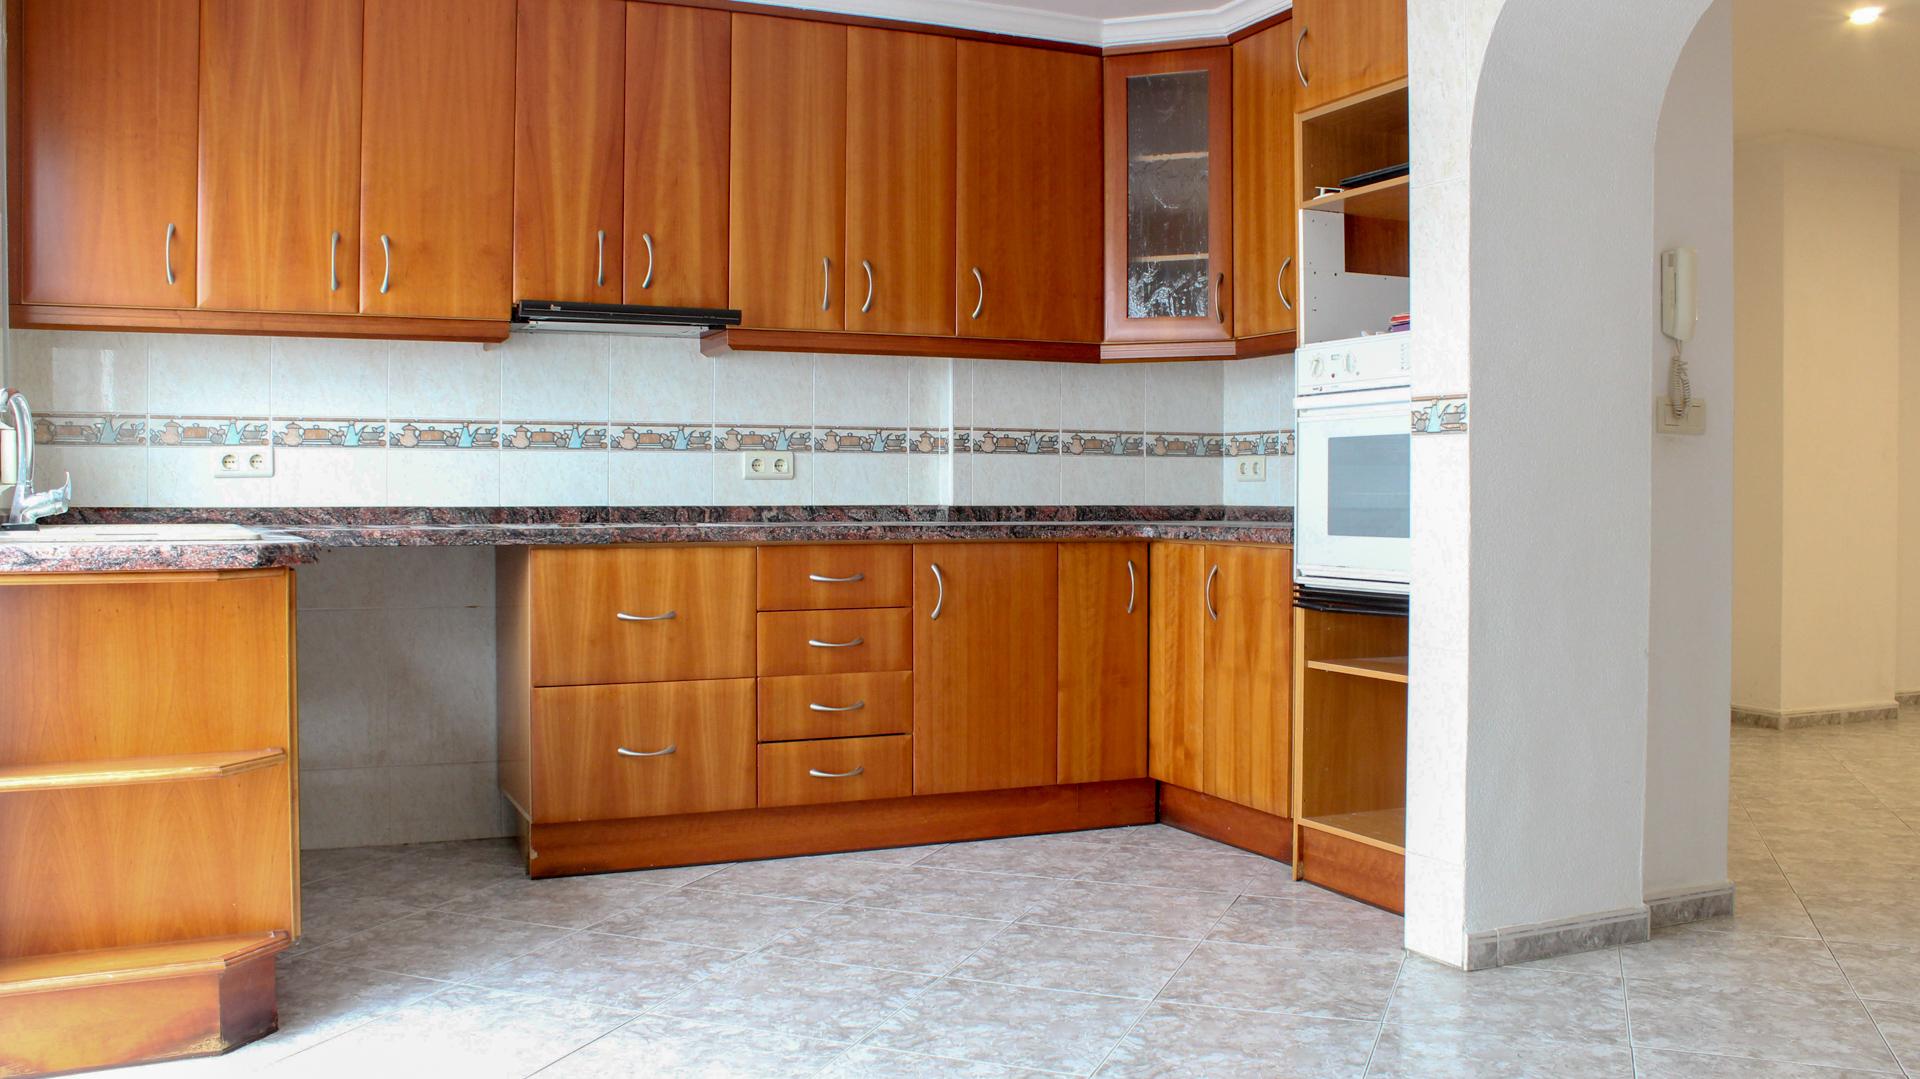 vitalcasa.sooprema-propiedades_5deb9747e2c81-source